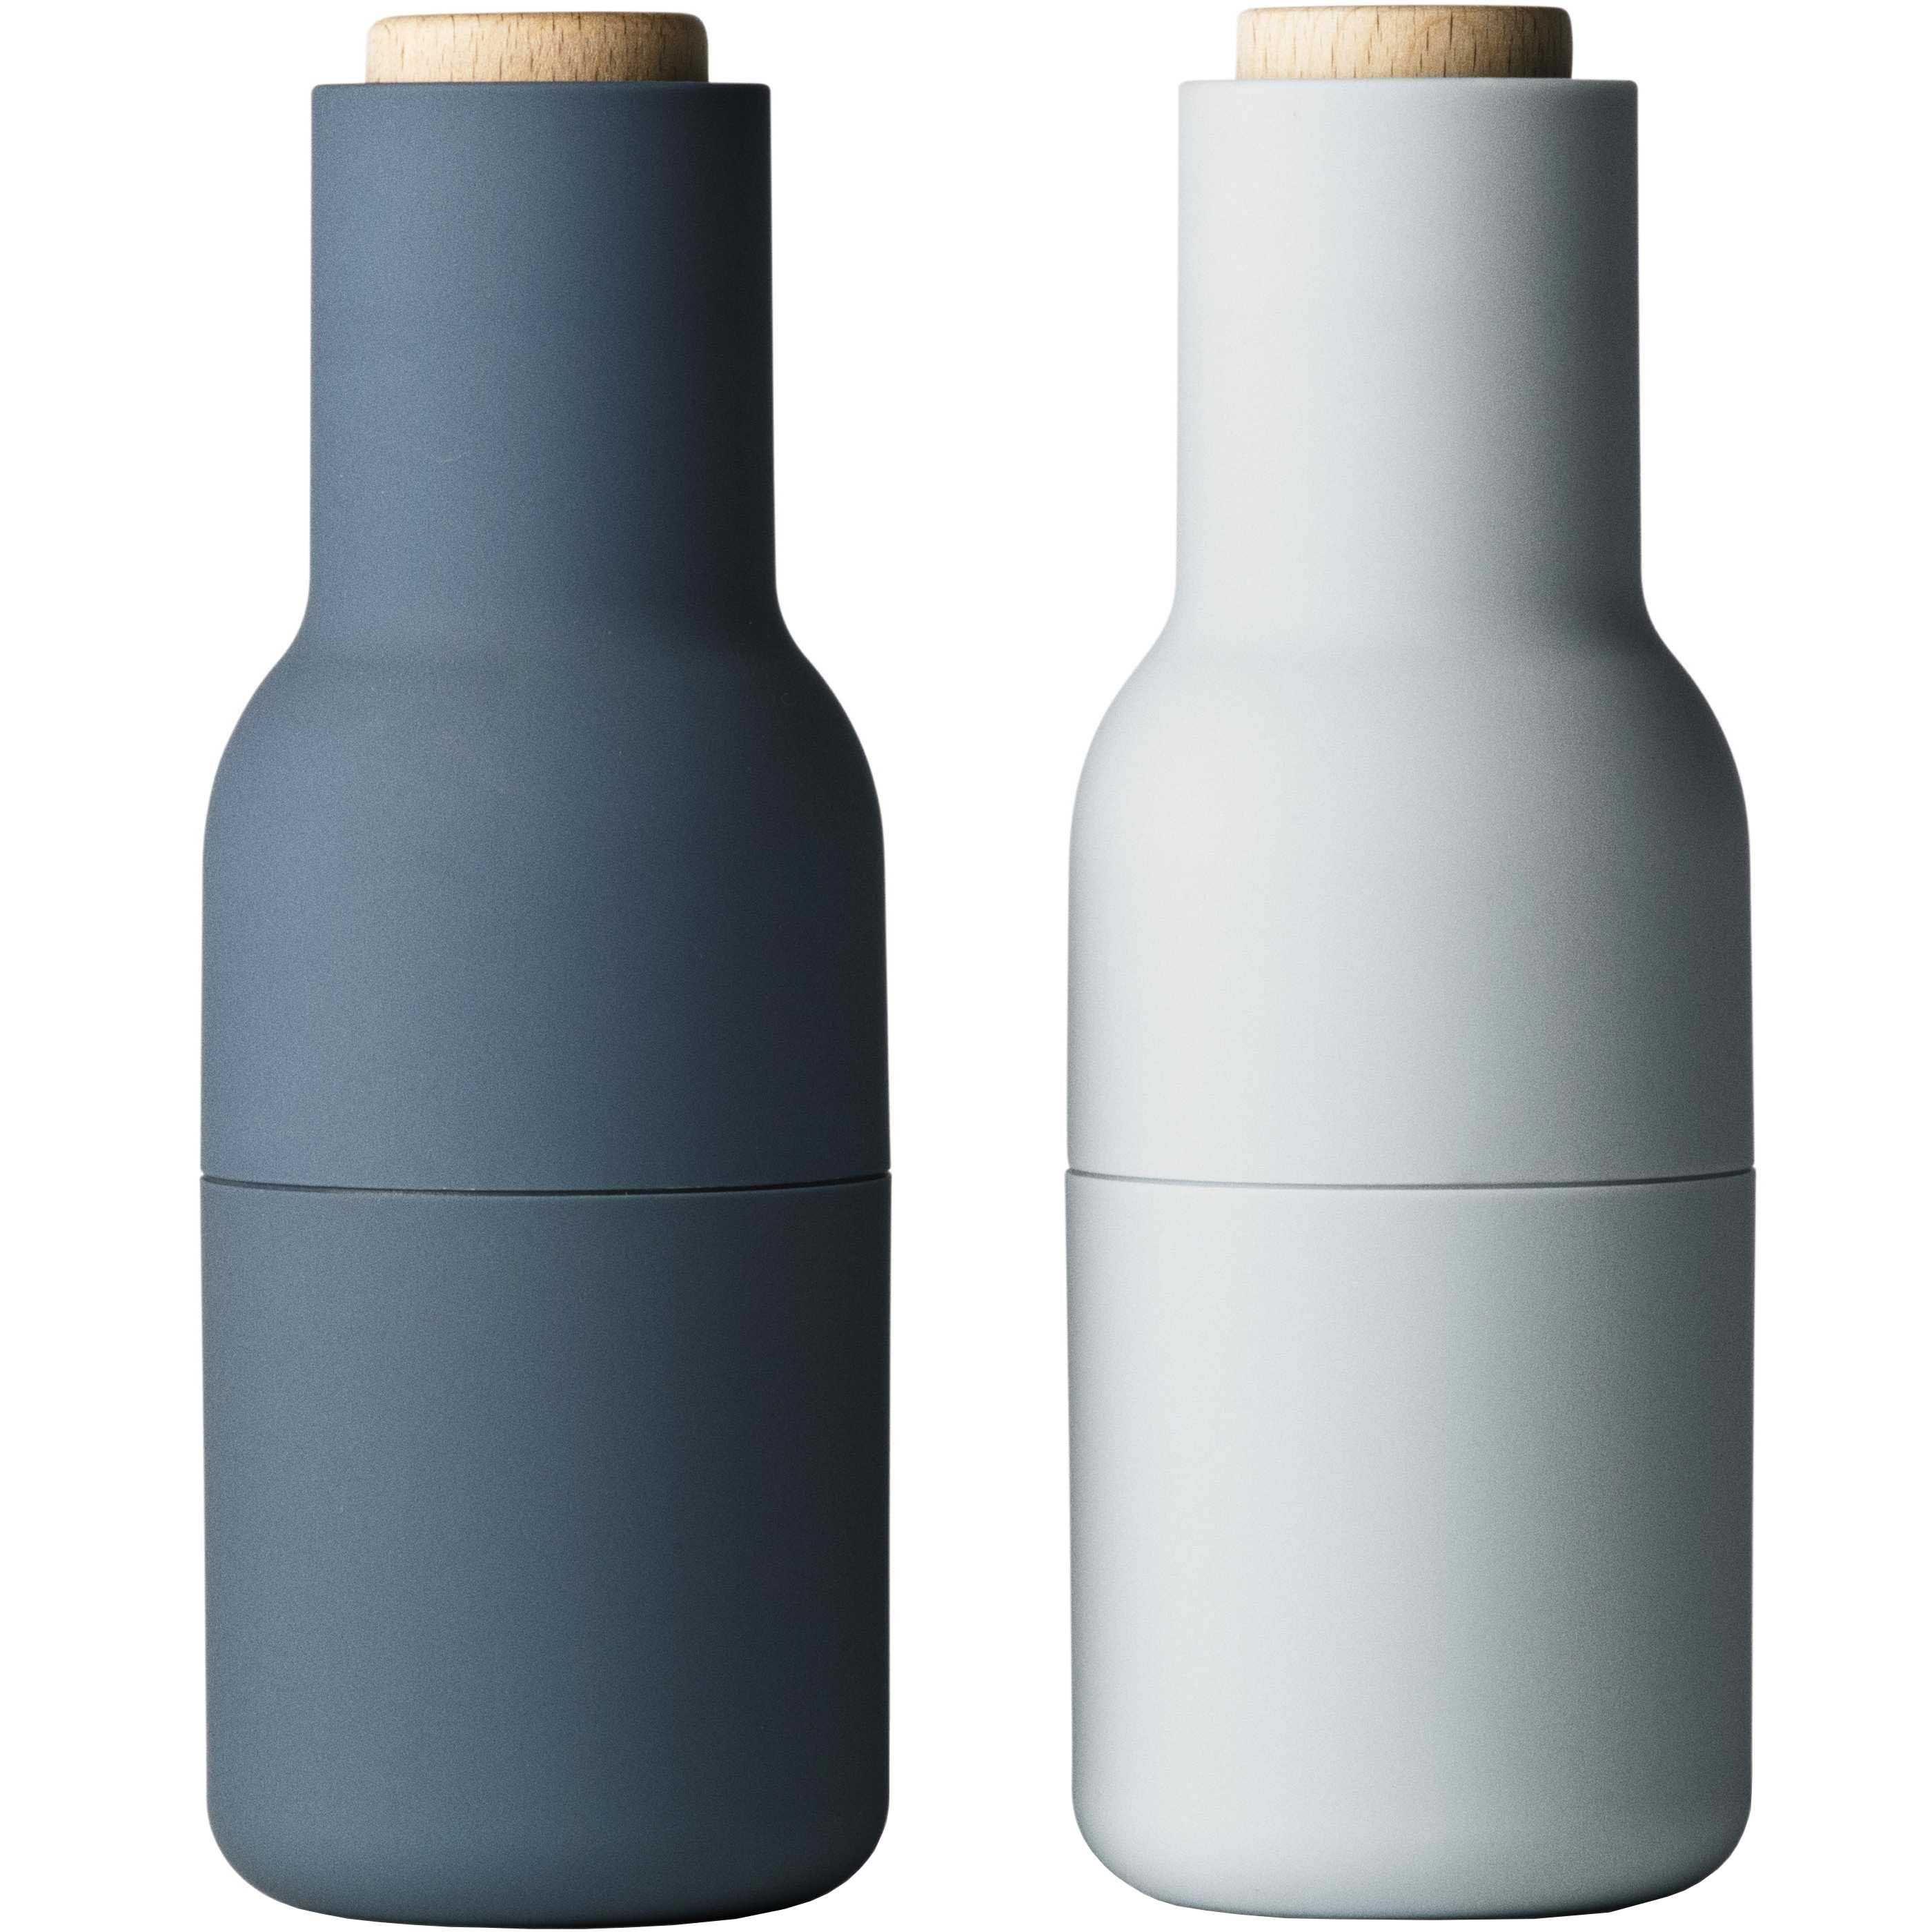 Menu Norm peper- en zoutmolen blauw